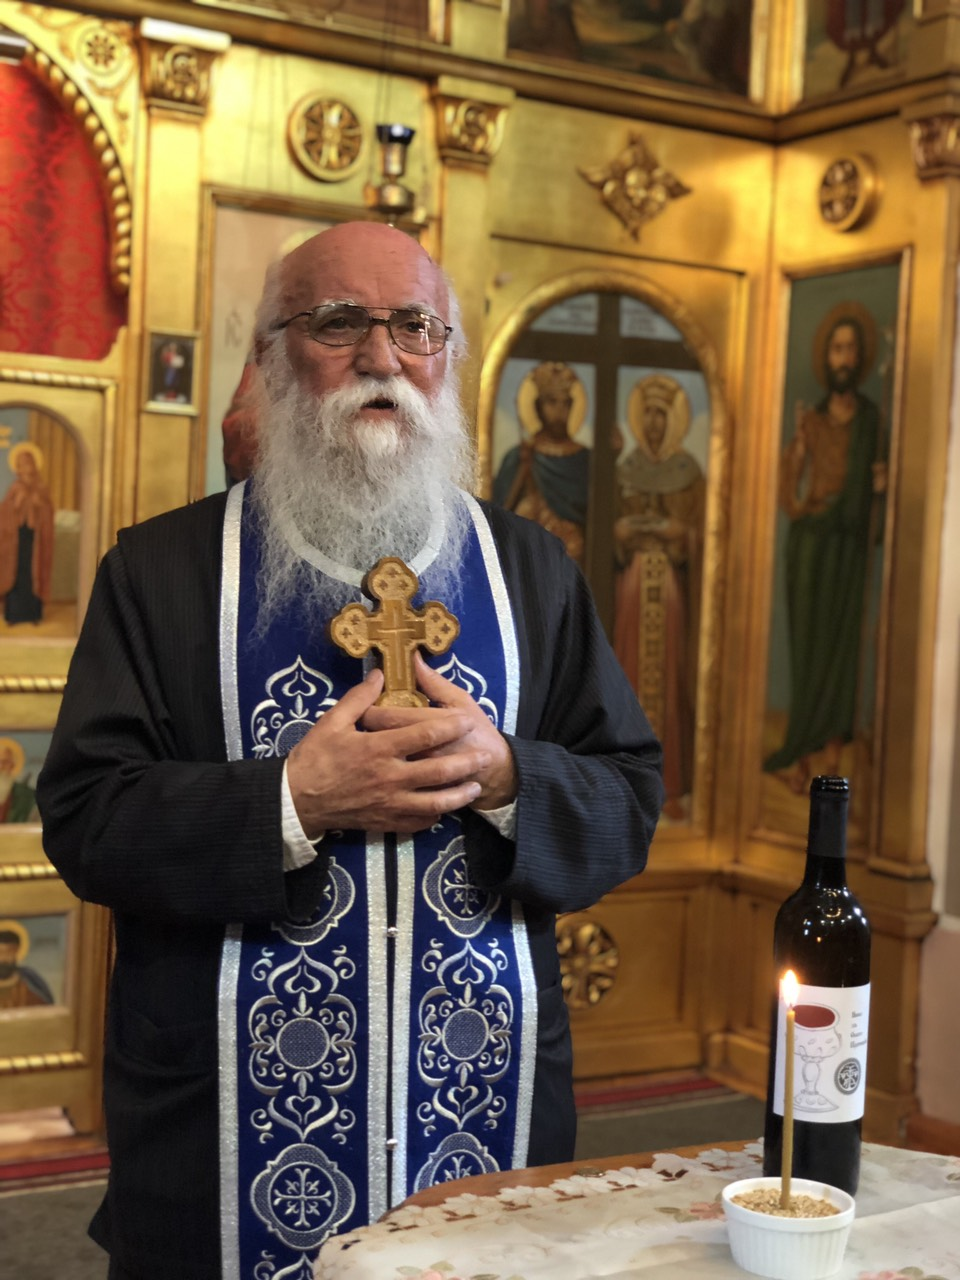 Otac Raša, foto: M.M.